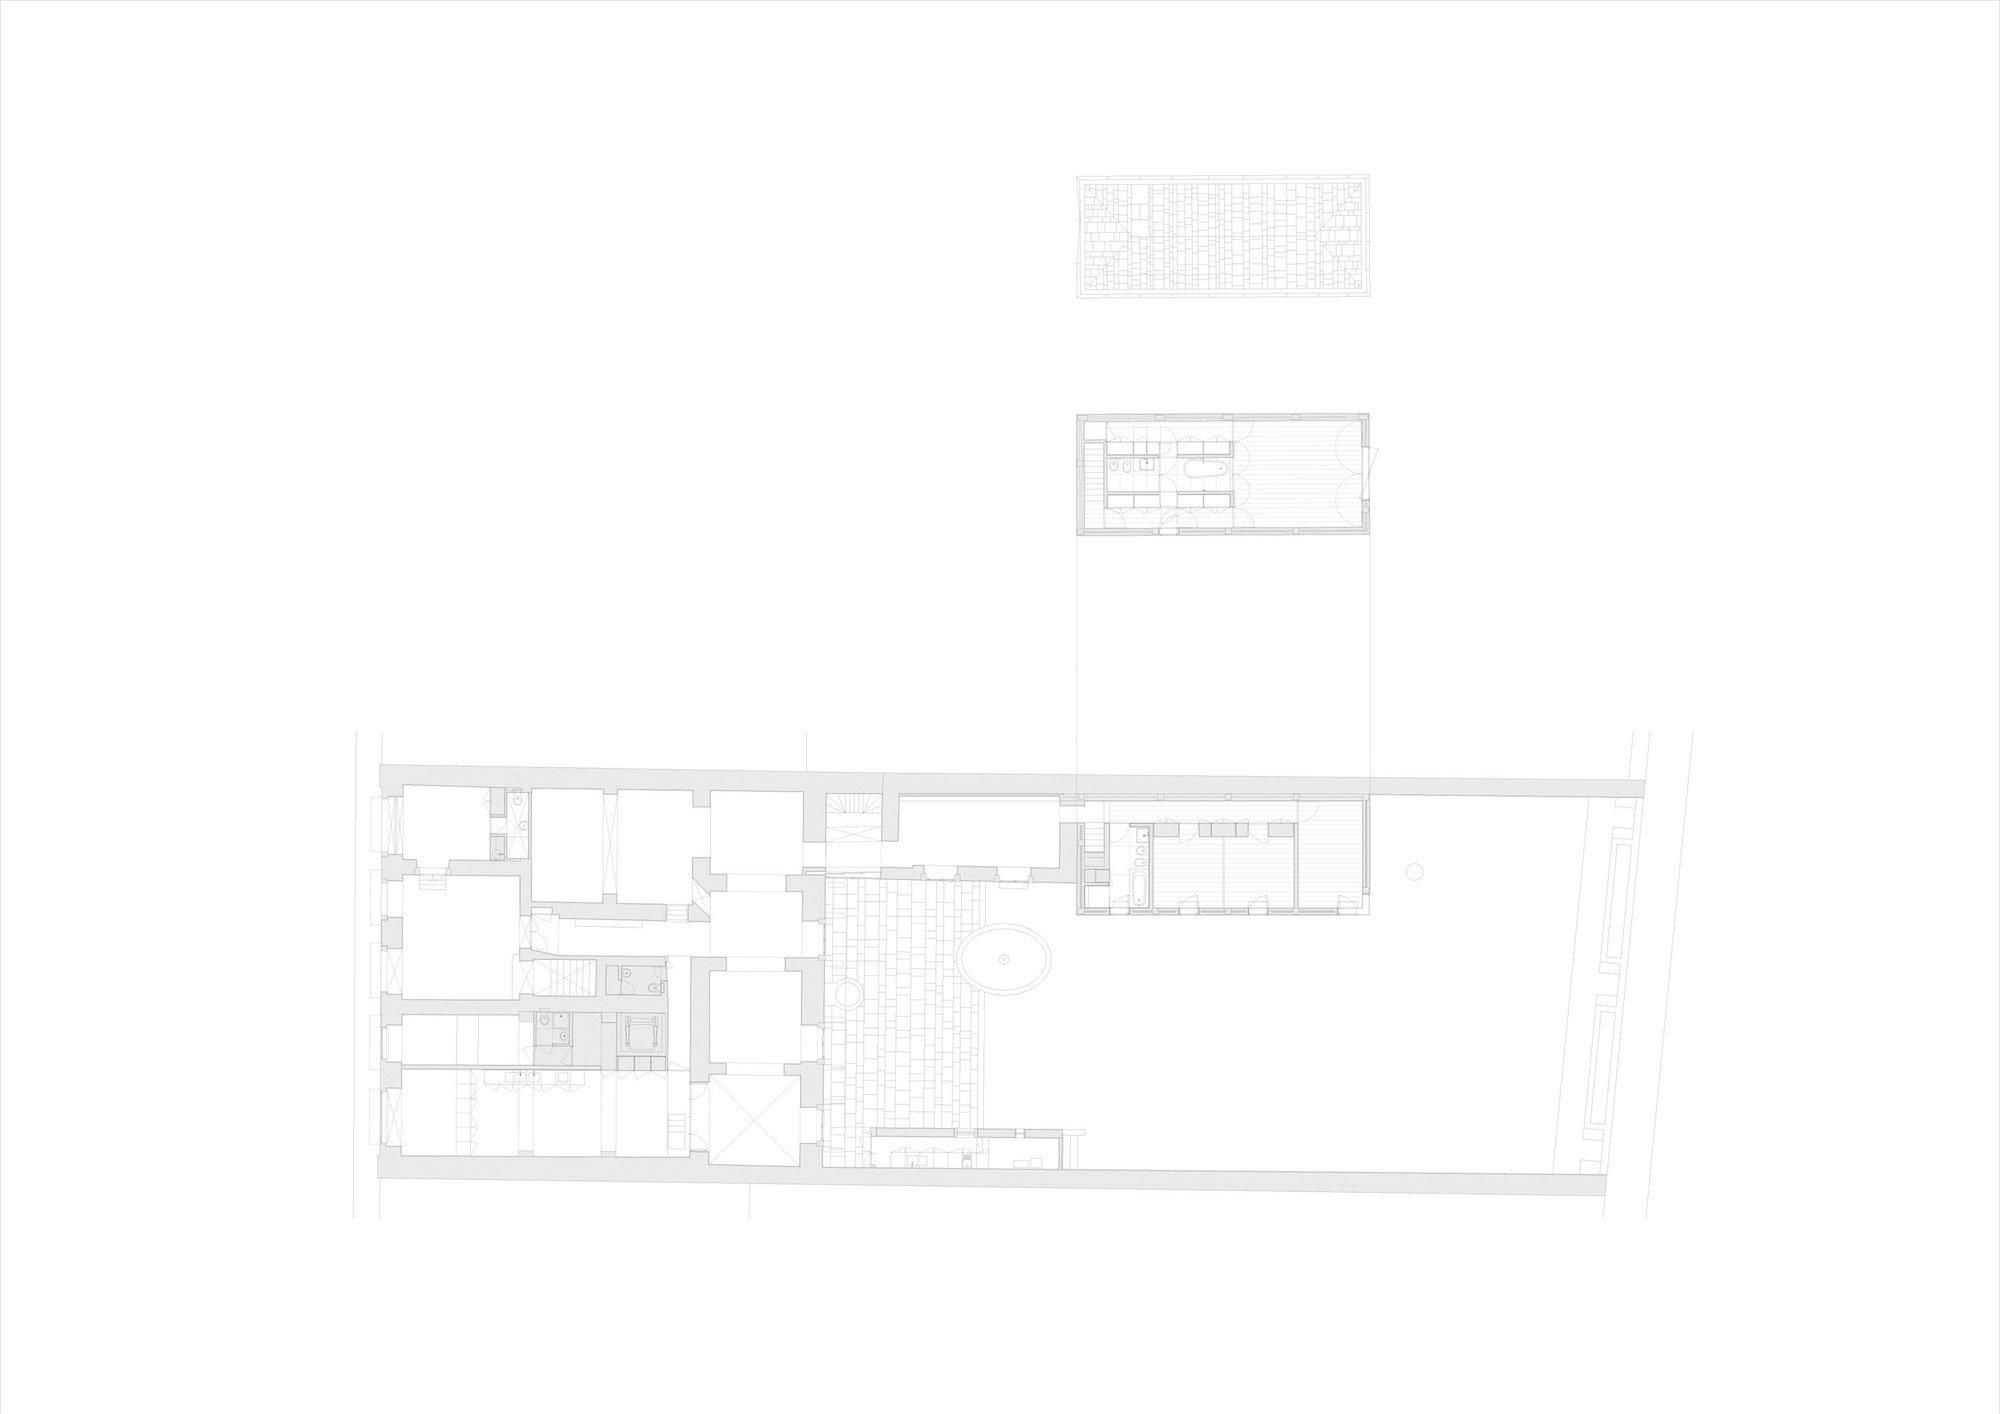 Casa-na-Rua-de-Sao-Mamede-ao-Caldas-49